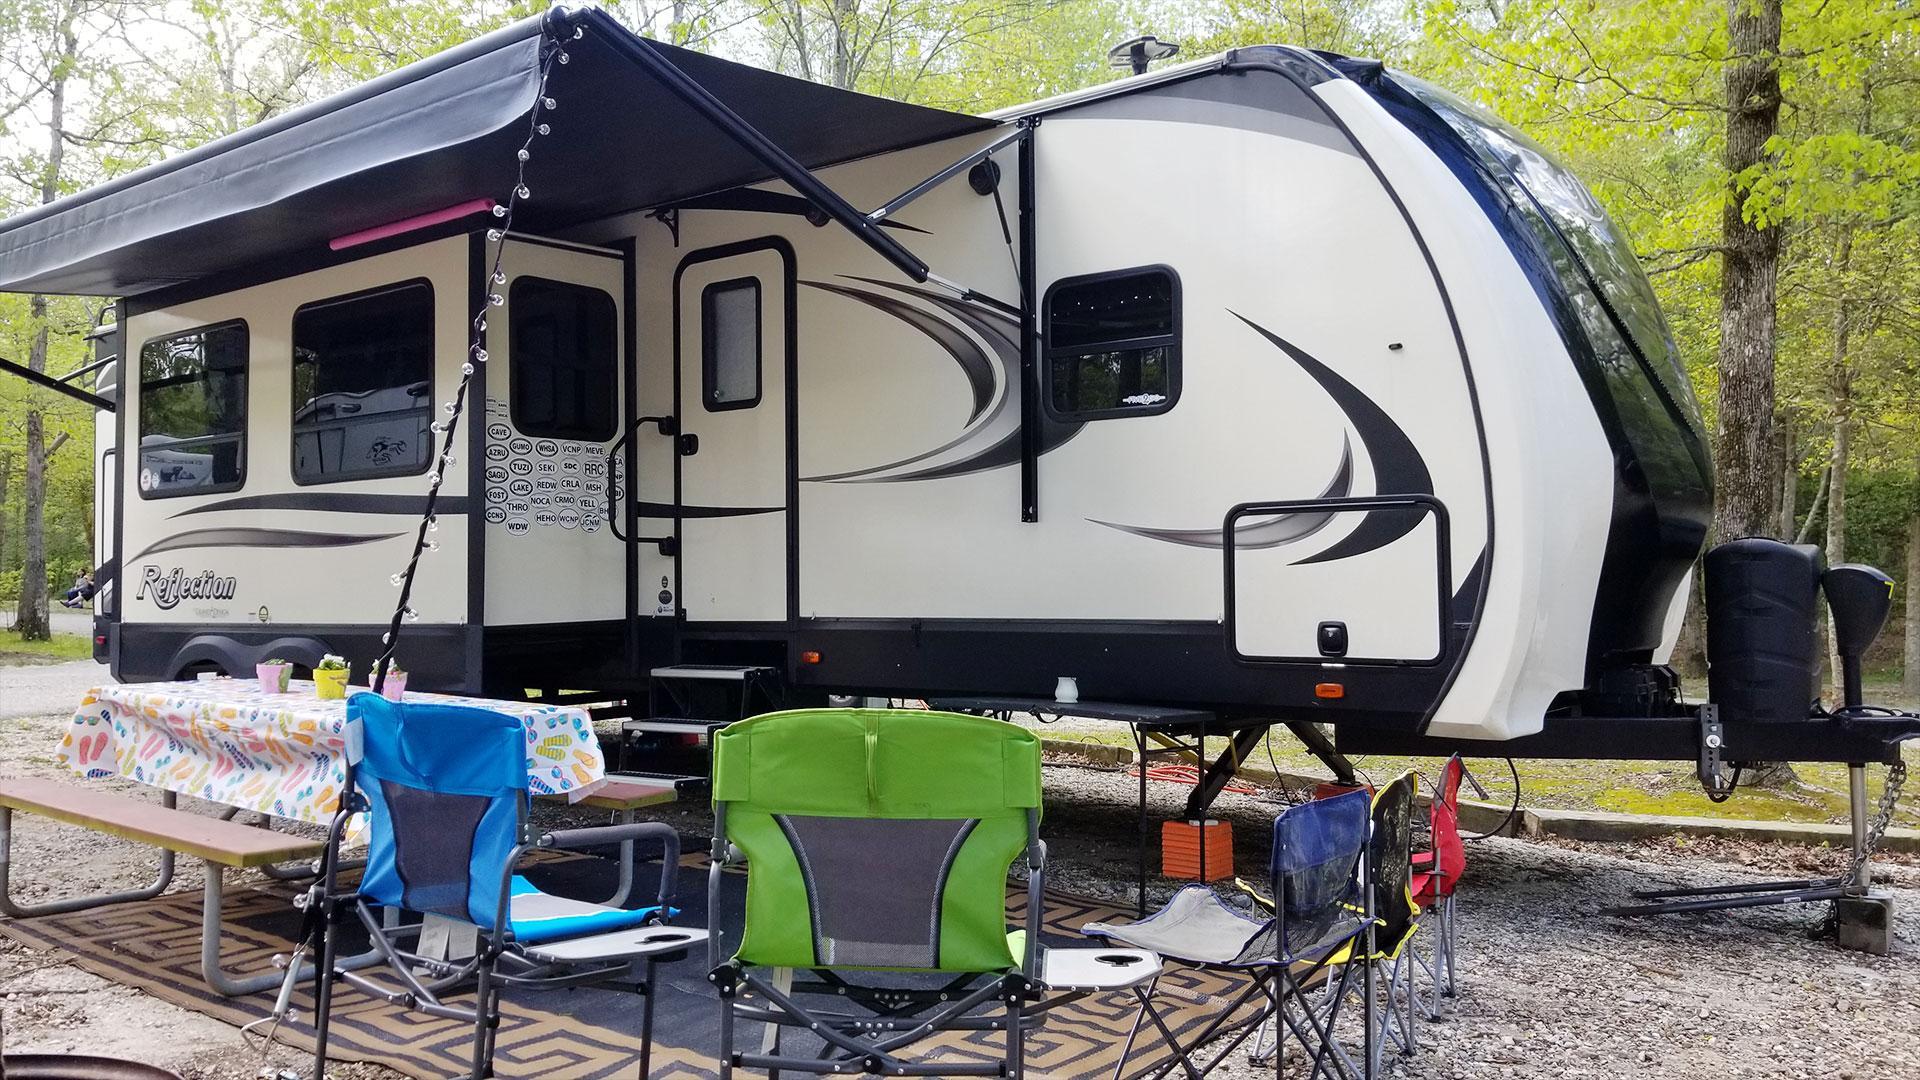 RV Campsite Setup and Decorating